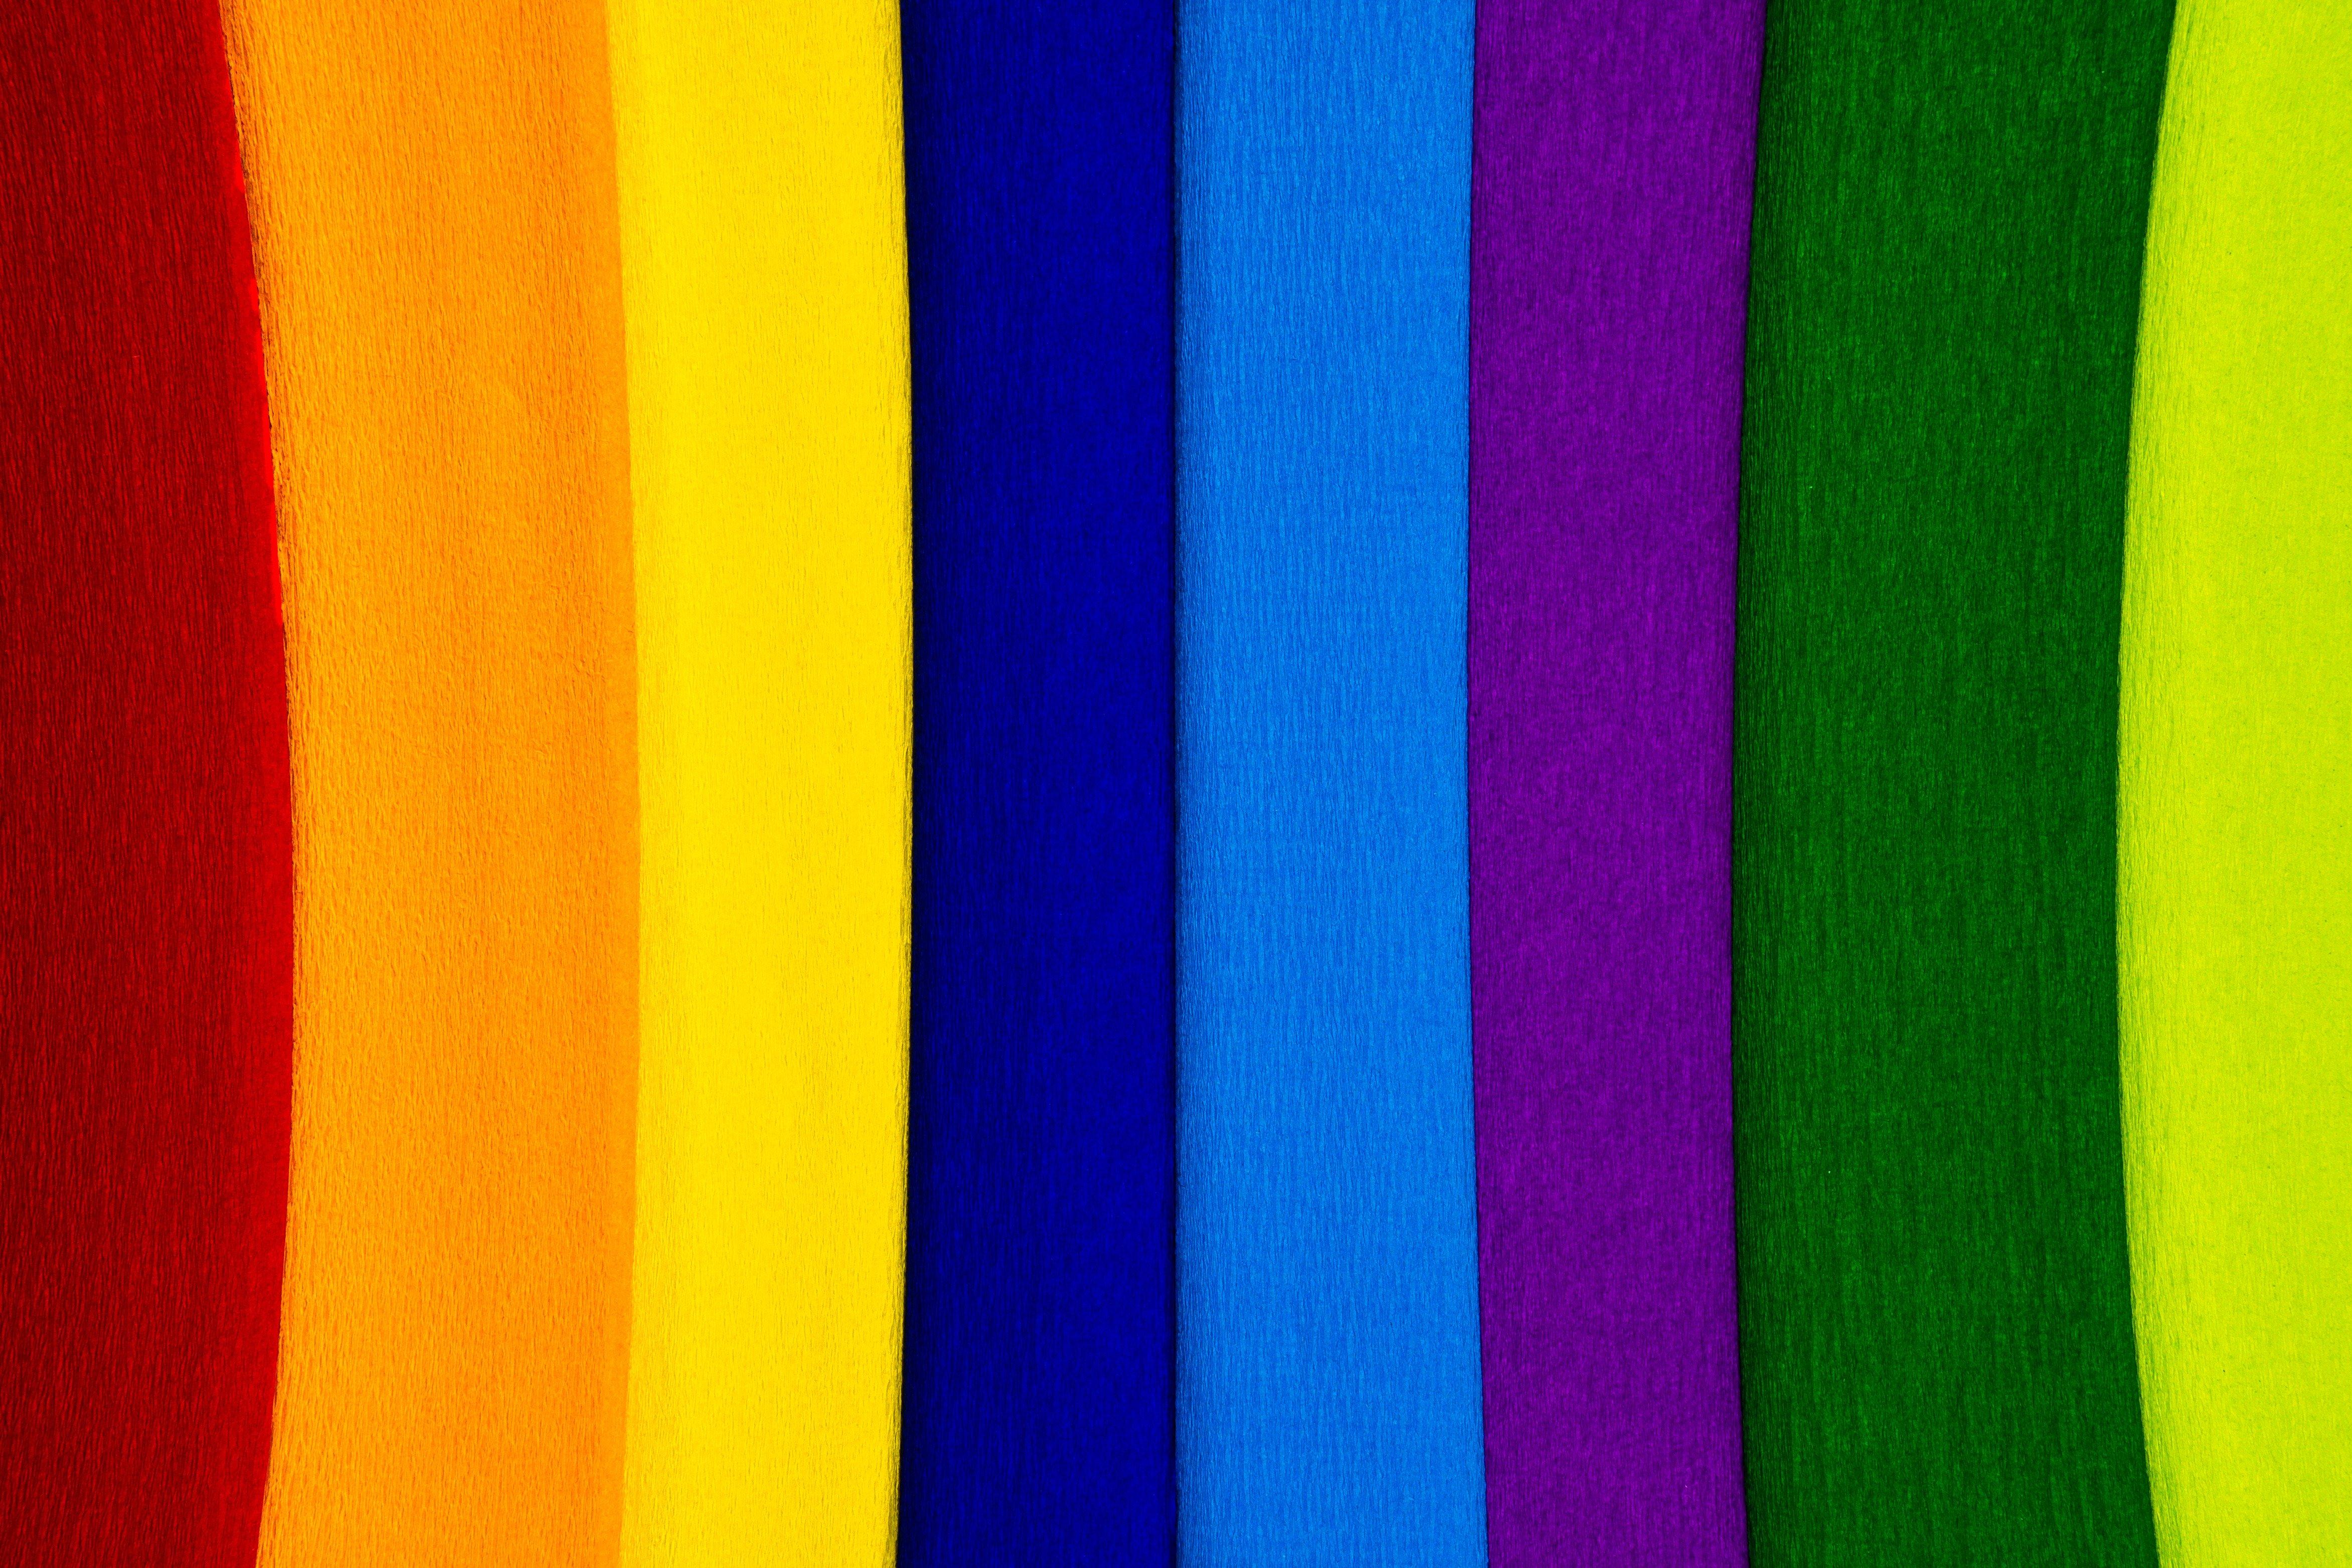 Color Palette – paper crepe crepe paper colorful – #f1bc04, #0e2644, #80042f, #0470df, #047ce4 – Golden color, Konkikyō Blue color, Bordeaux color, Blue Ruin color, Blue Cola color